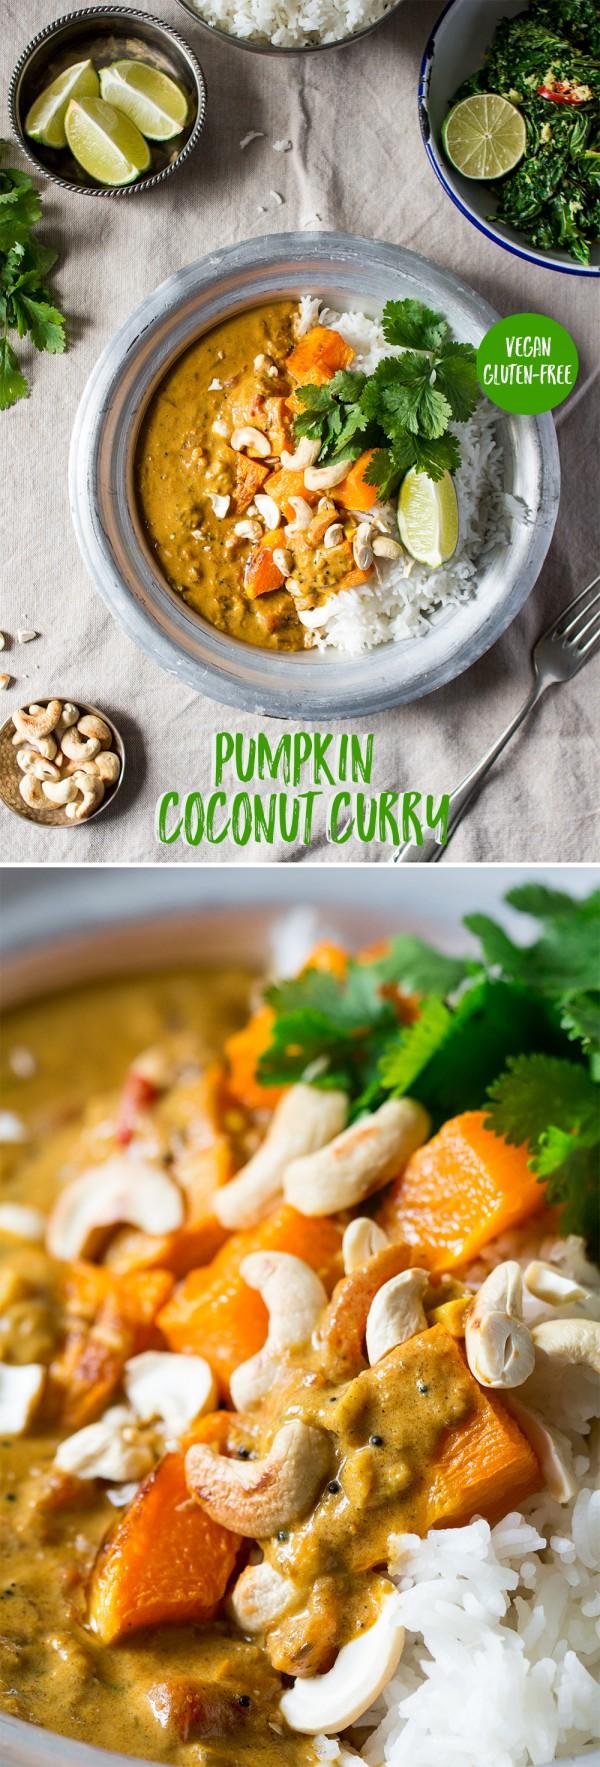 Get the recipe Pumpkin Coconut Curry @recipes_to_go